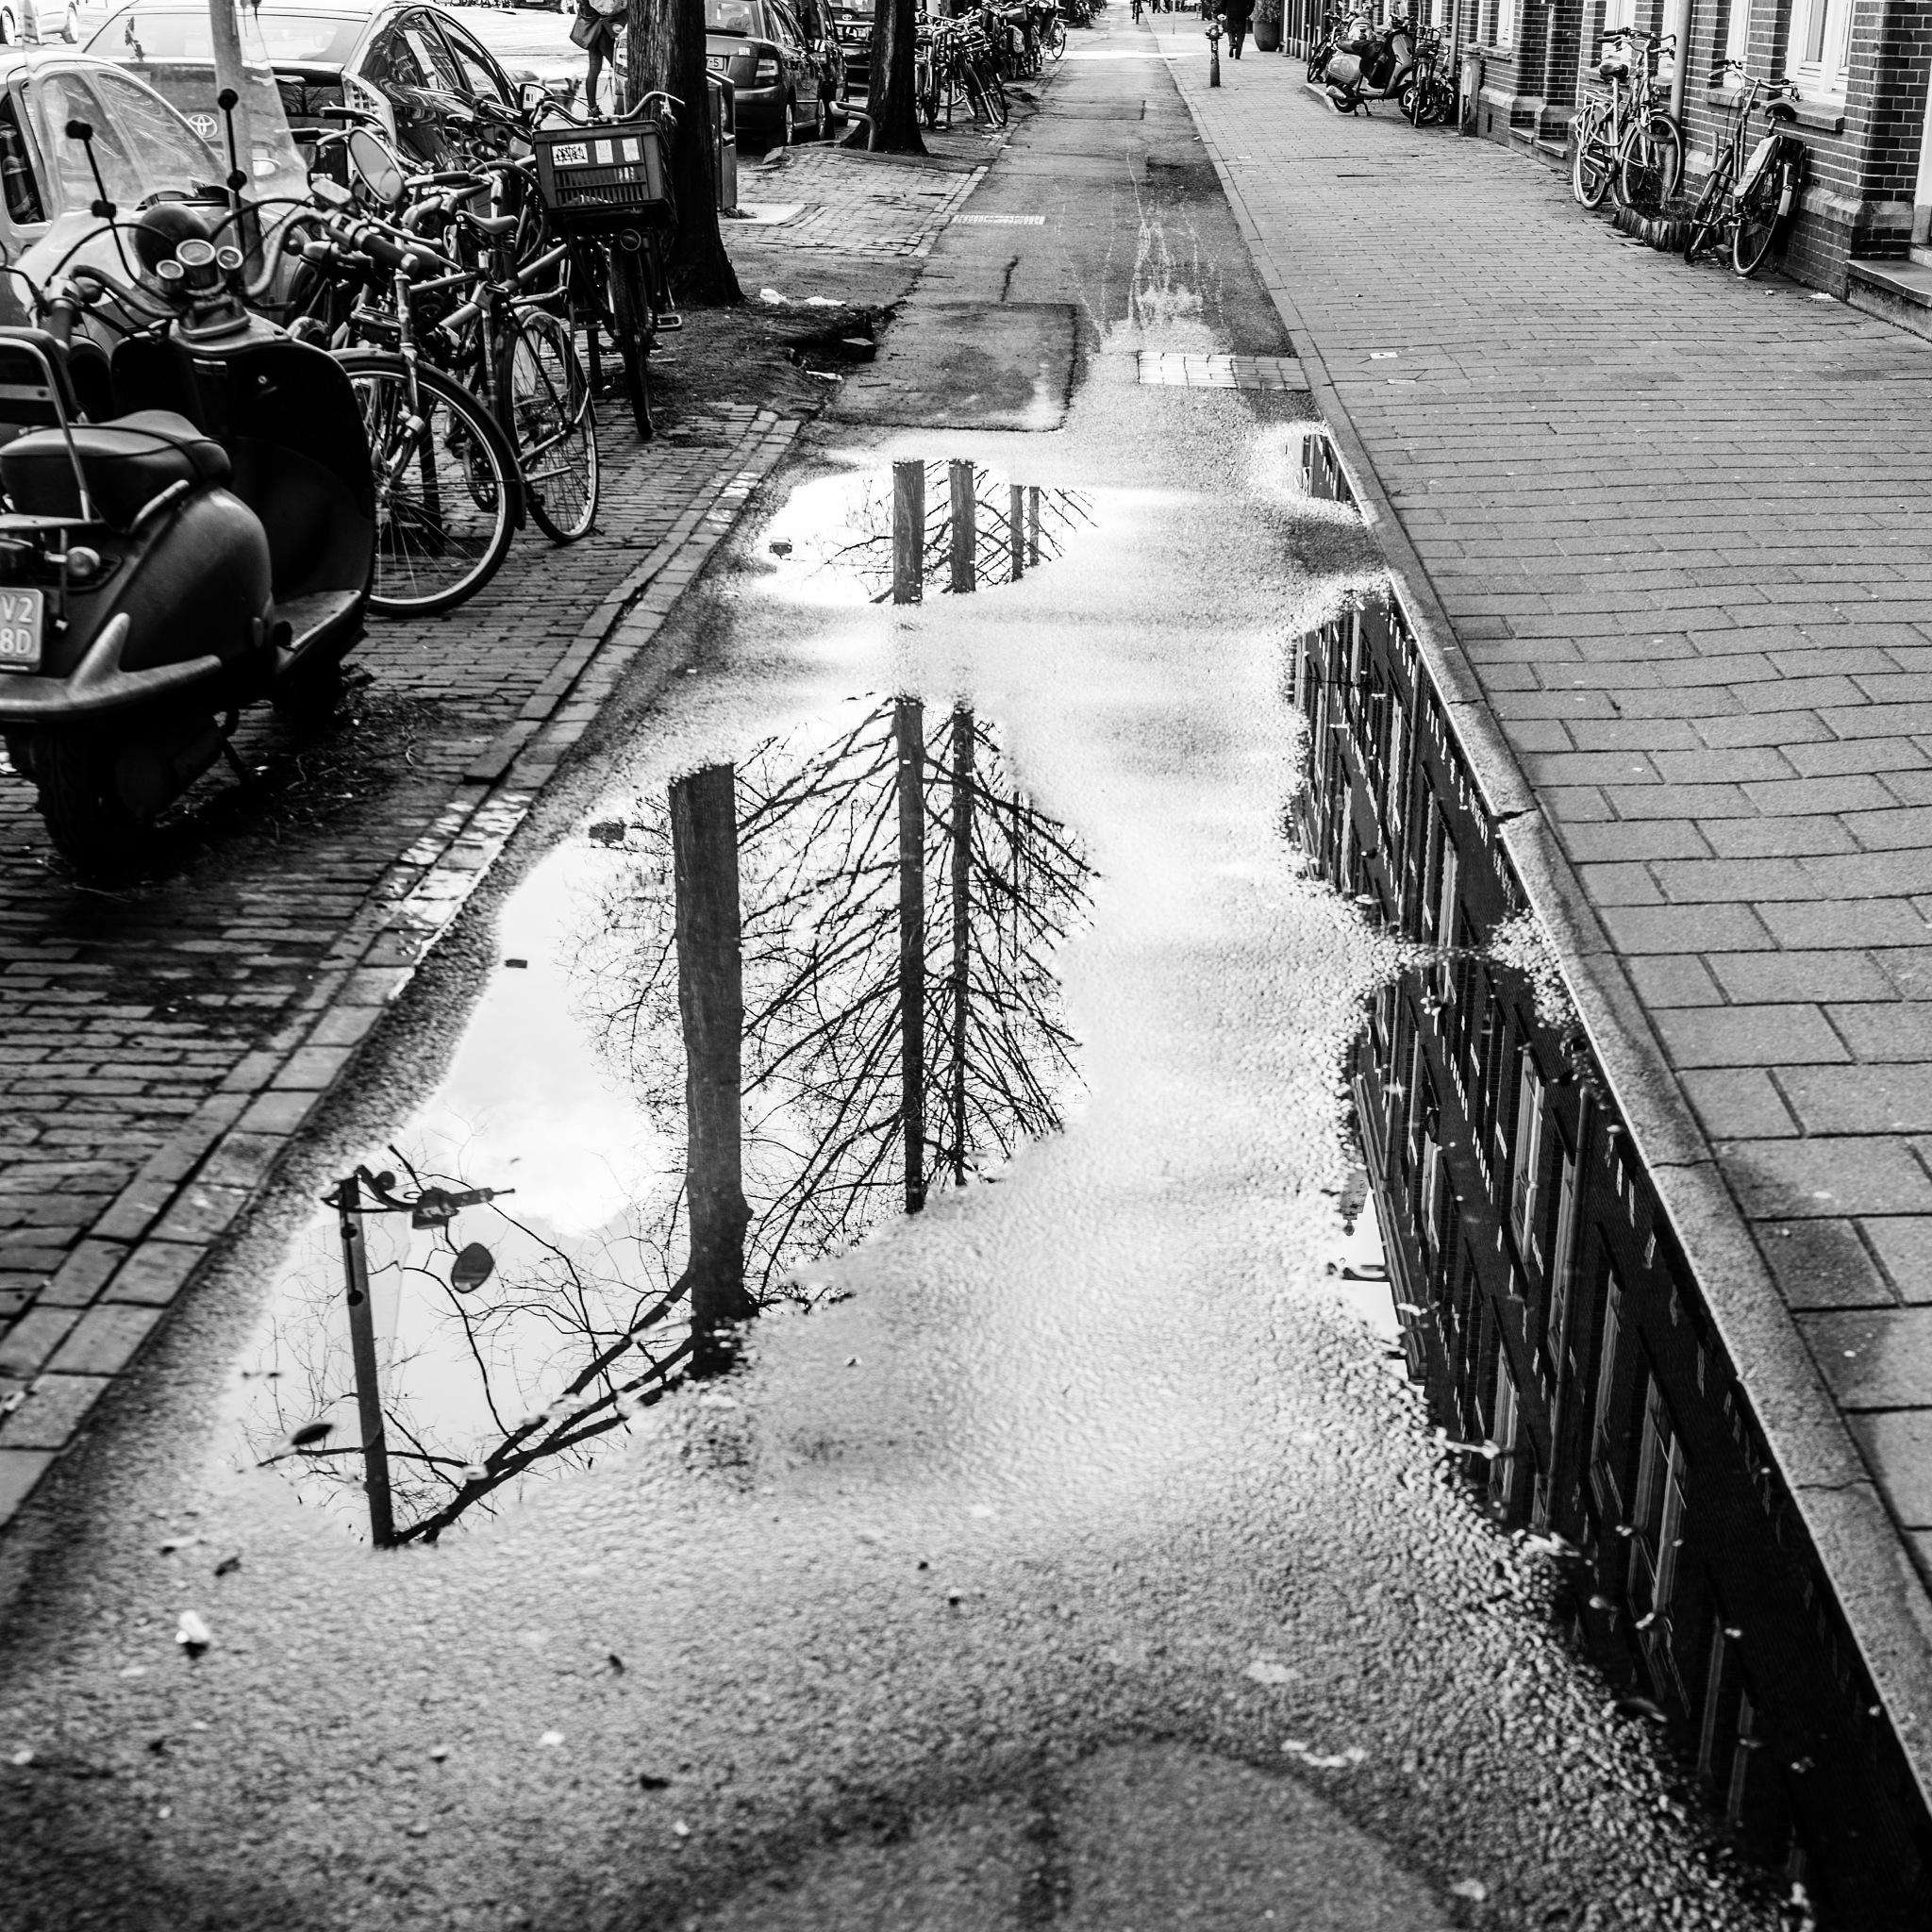 Rain mirror by Rob Stegenga